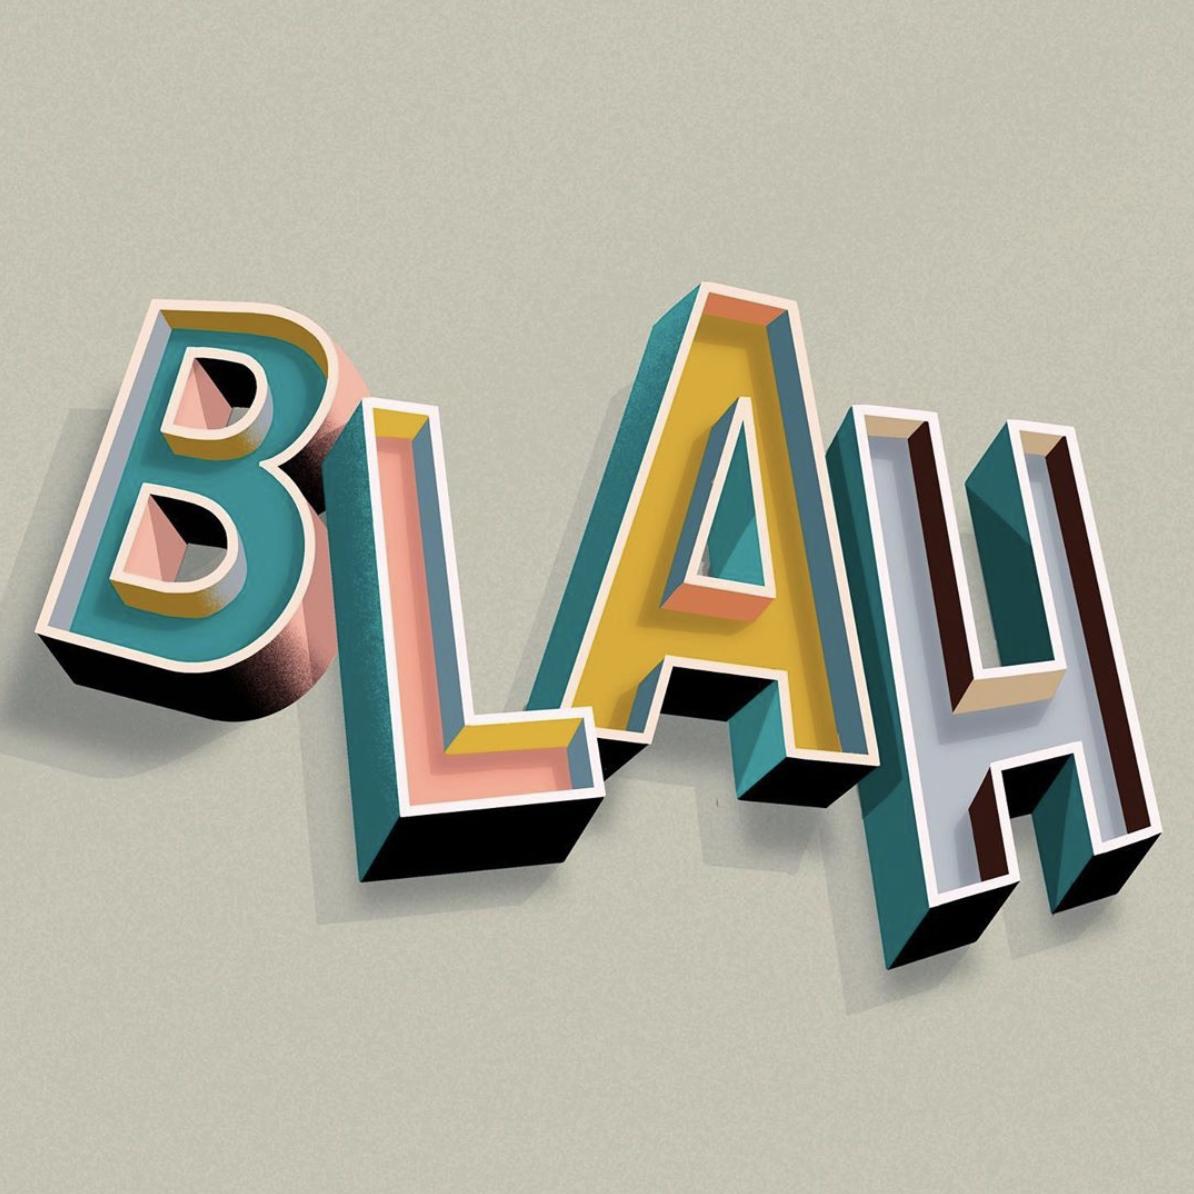 3D - Blah.png